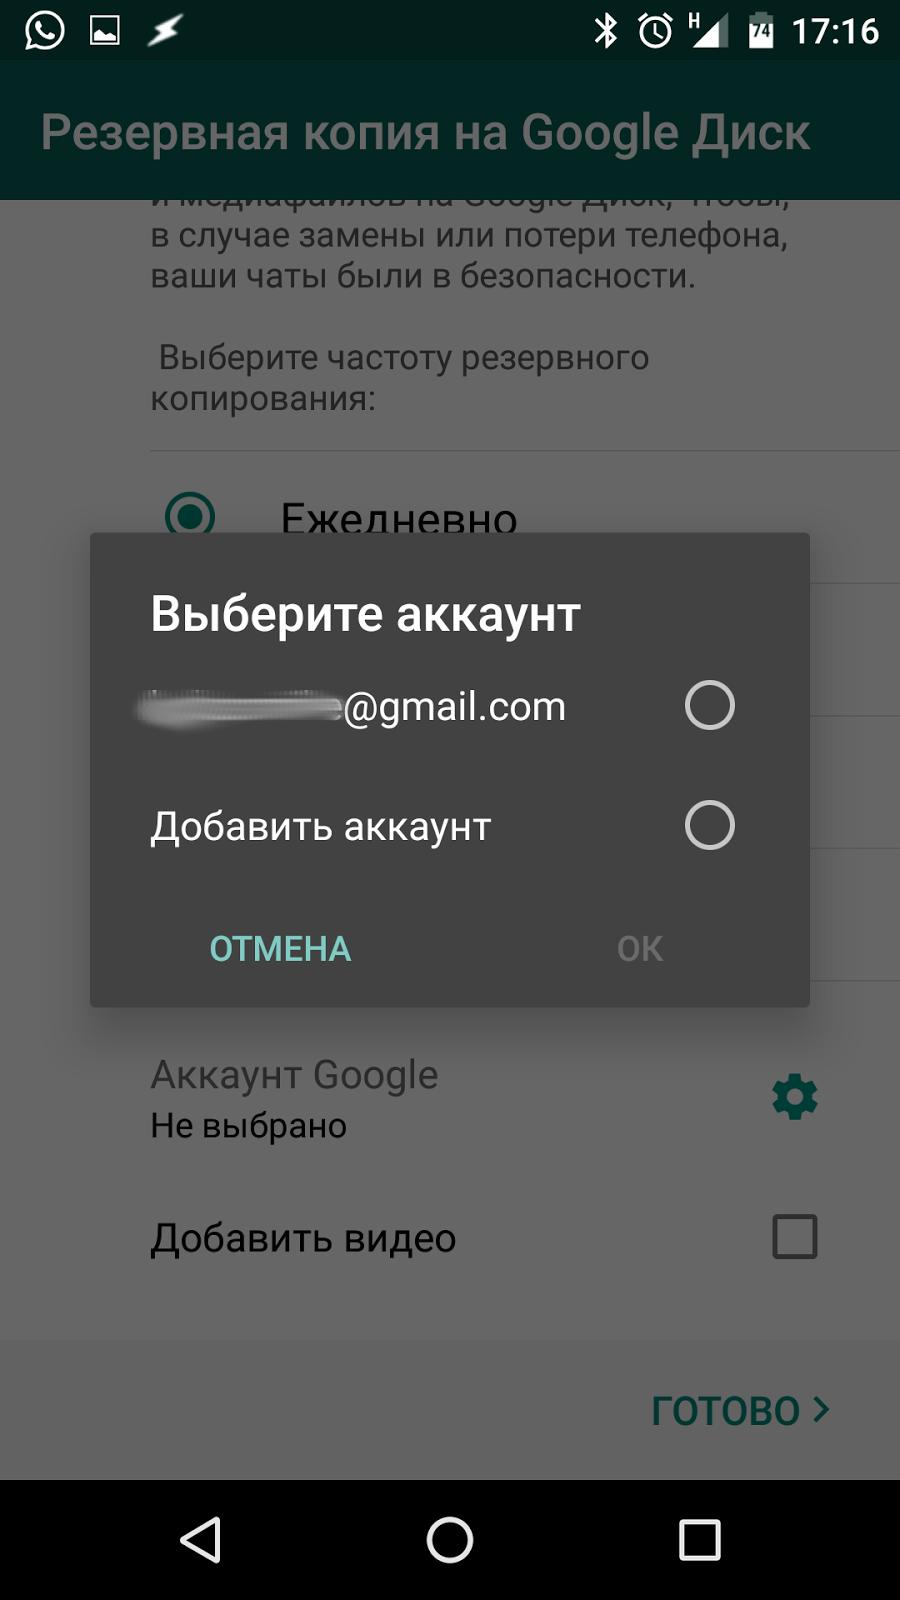 Как сделать копию телефона в гугле